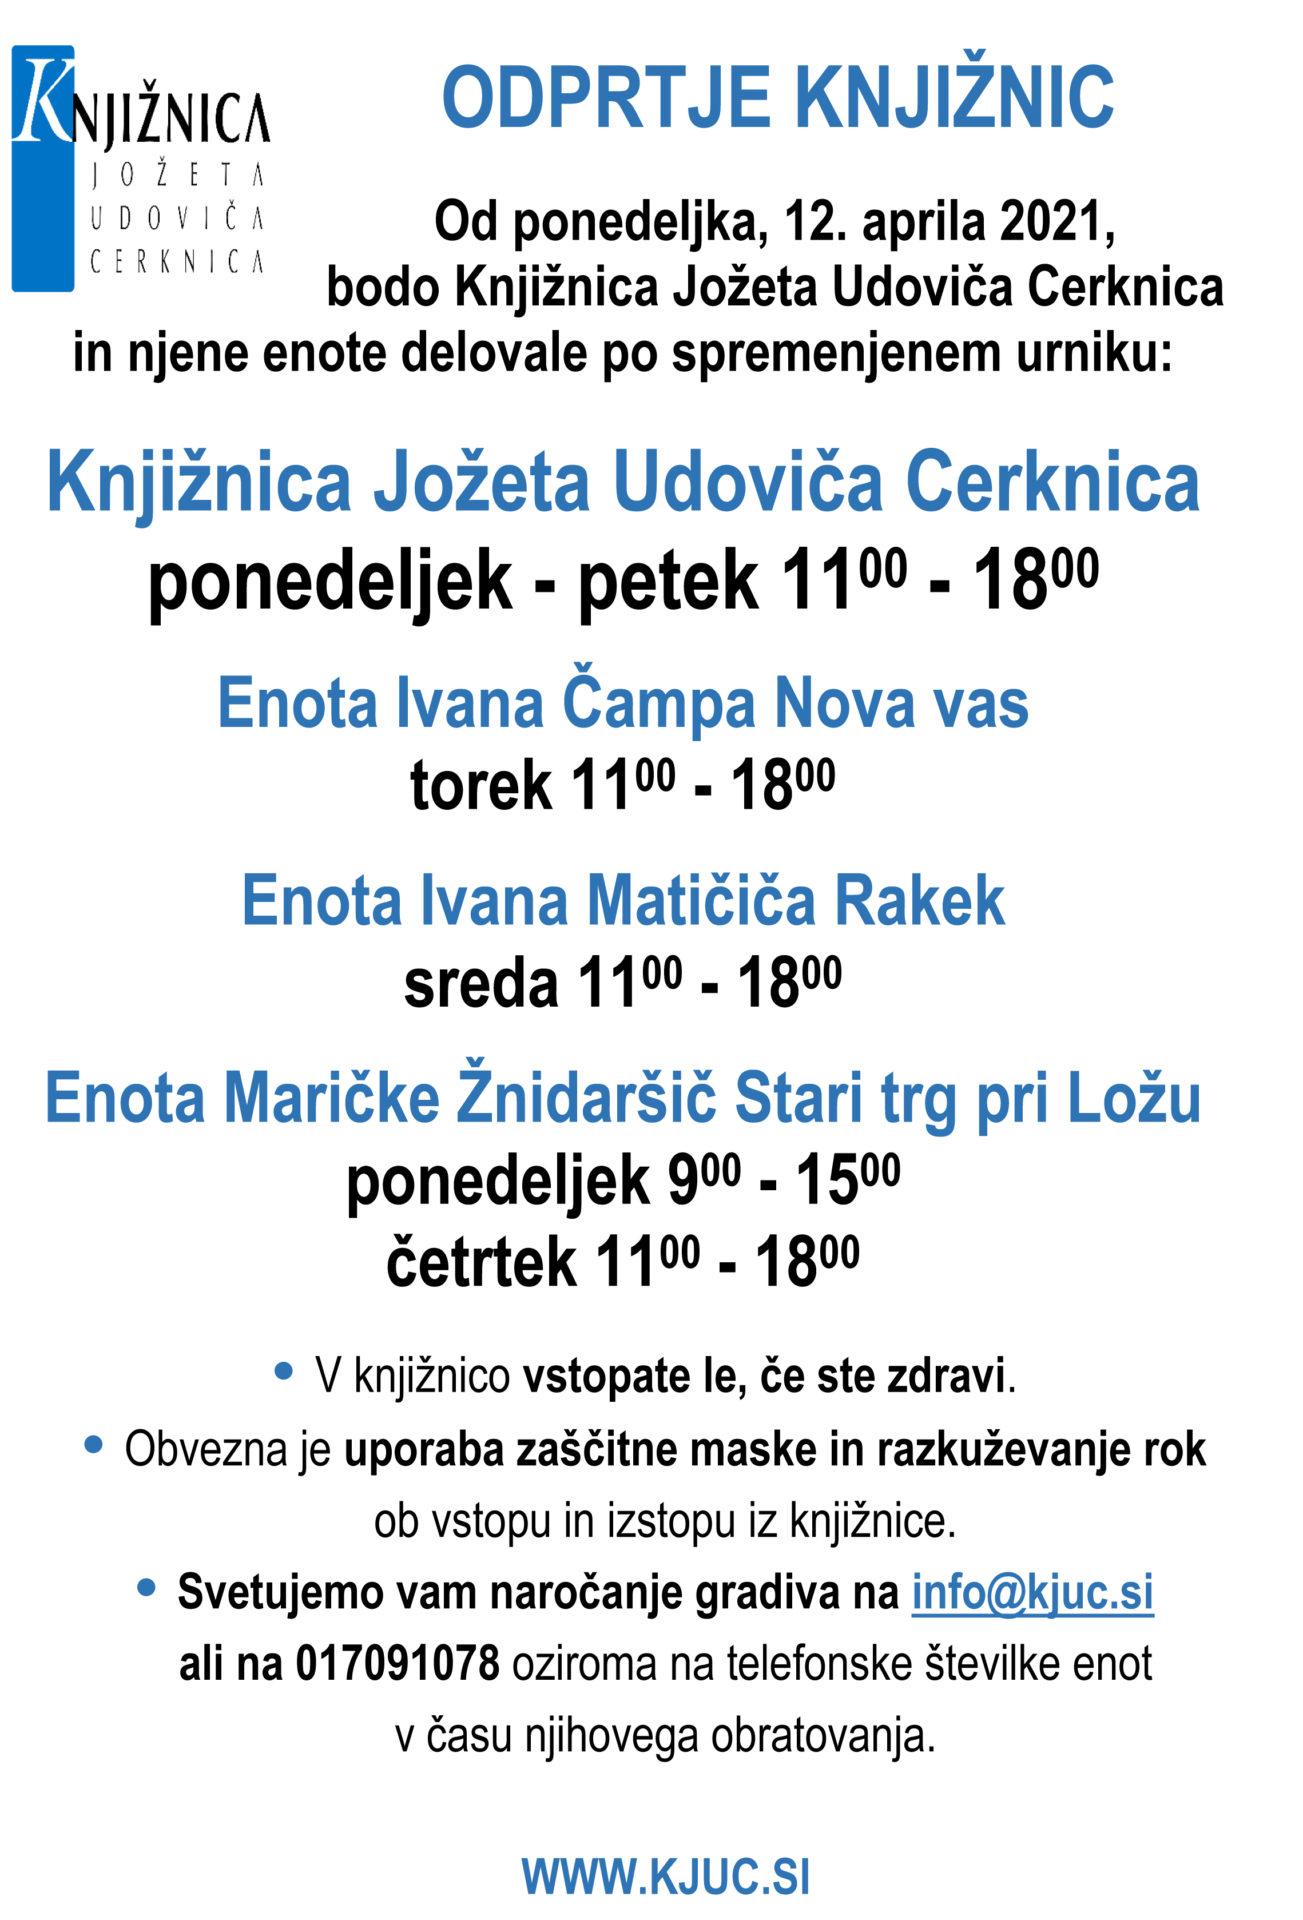 ODPRTJE KNJIZNIC - Odprtje knjižnic 12. aprila